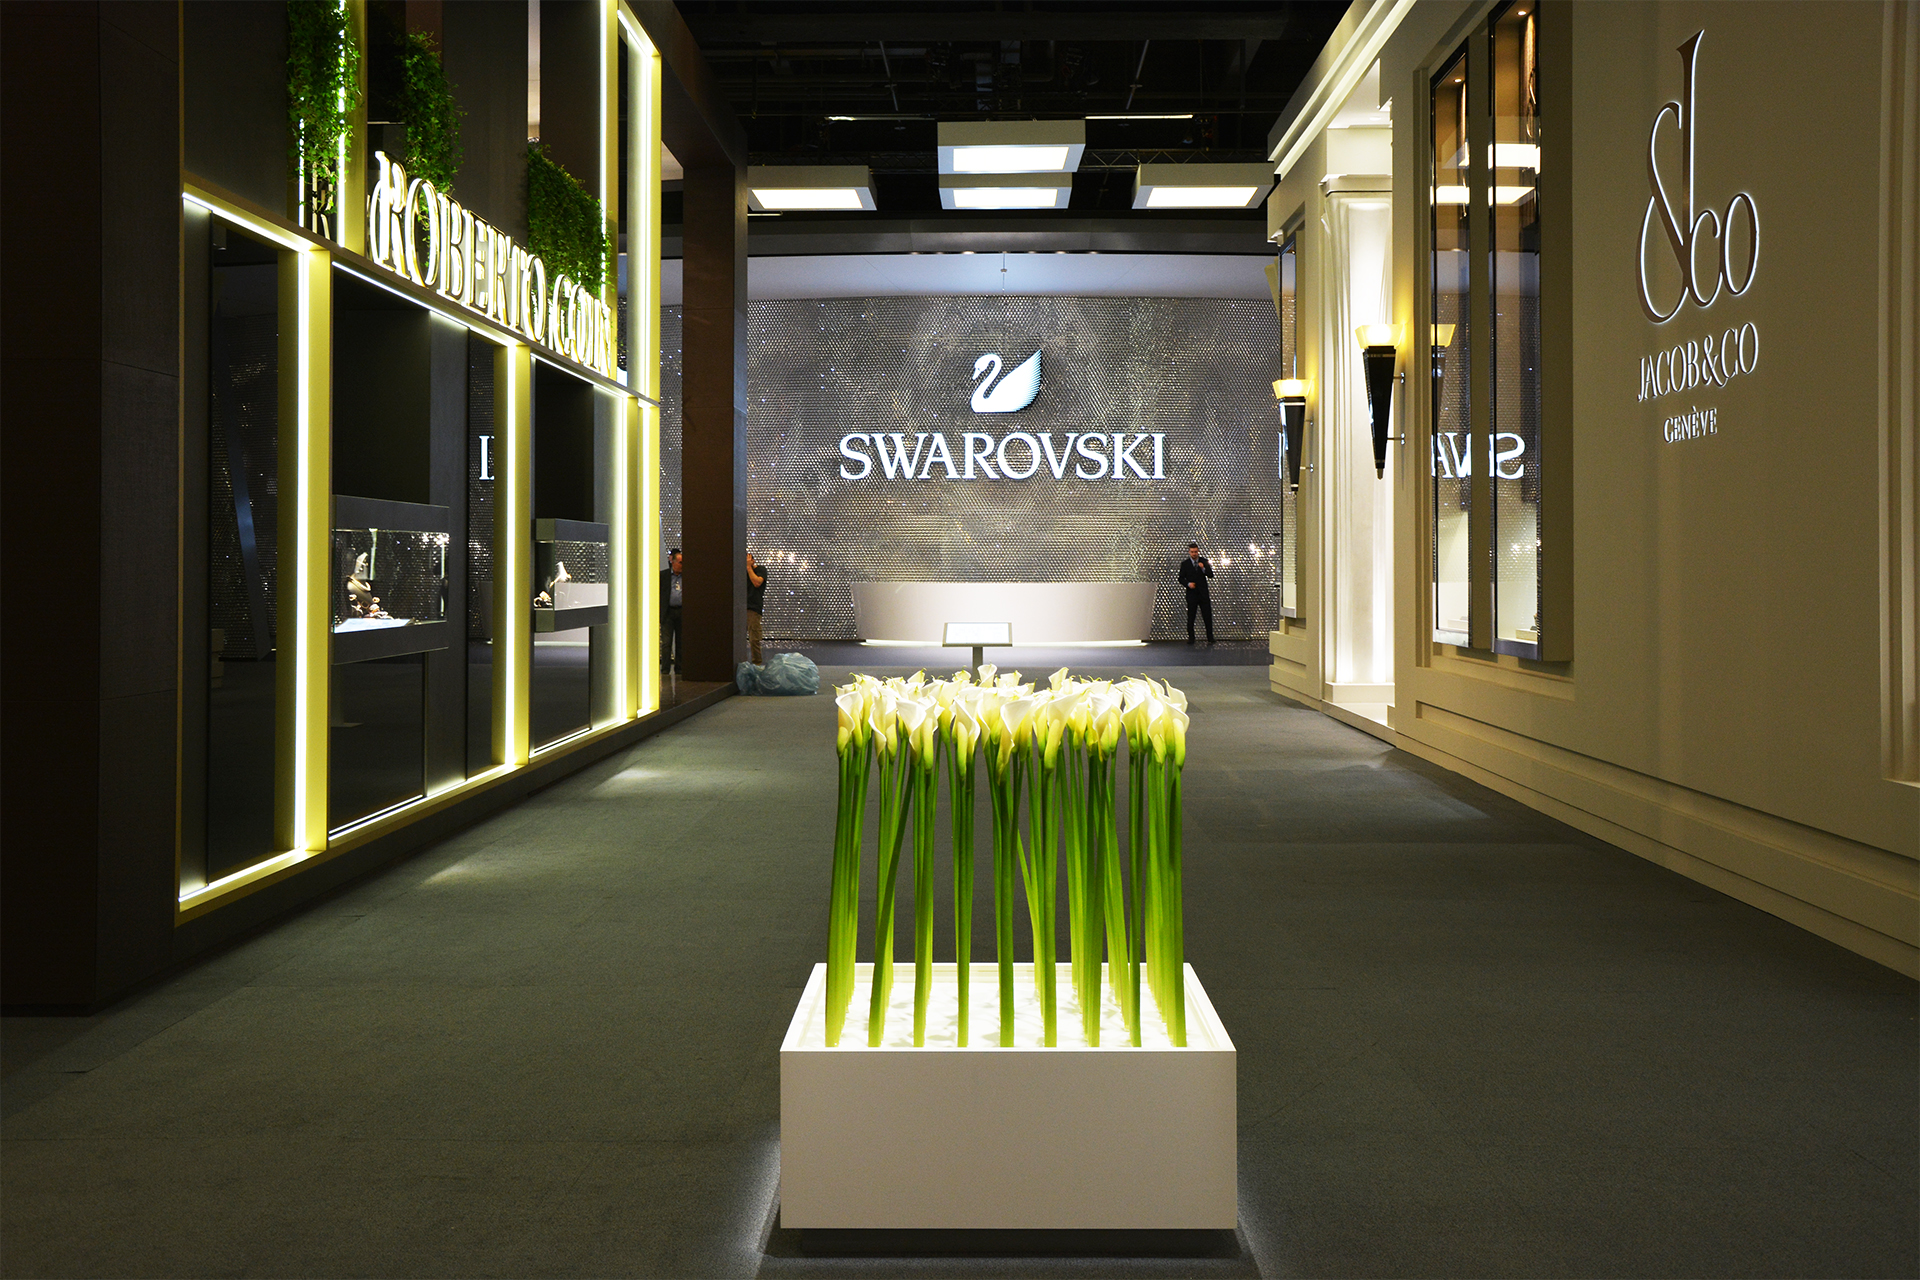 Swarovski - Baselworld 2017